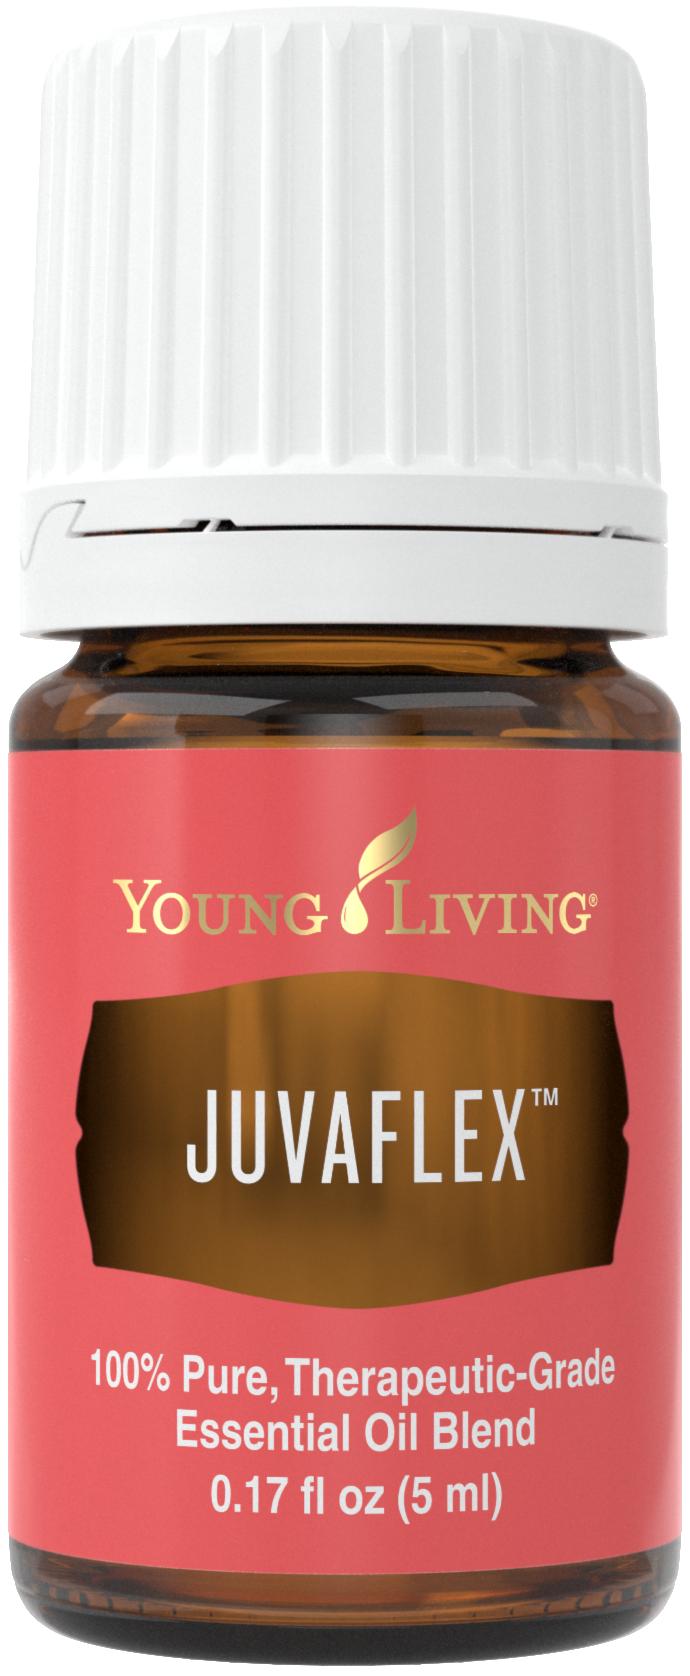 juvaflex_5ml_silo_us_2016_24500994866_o